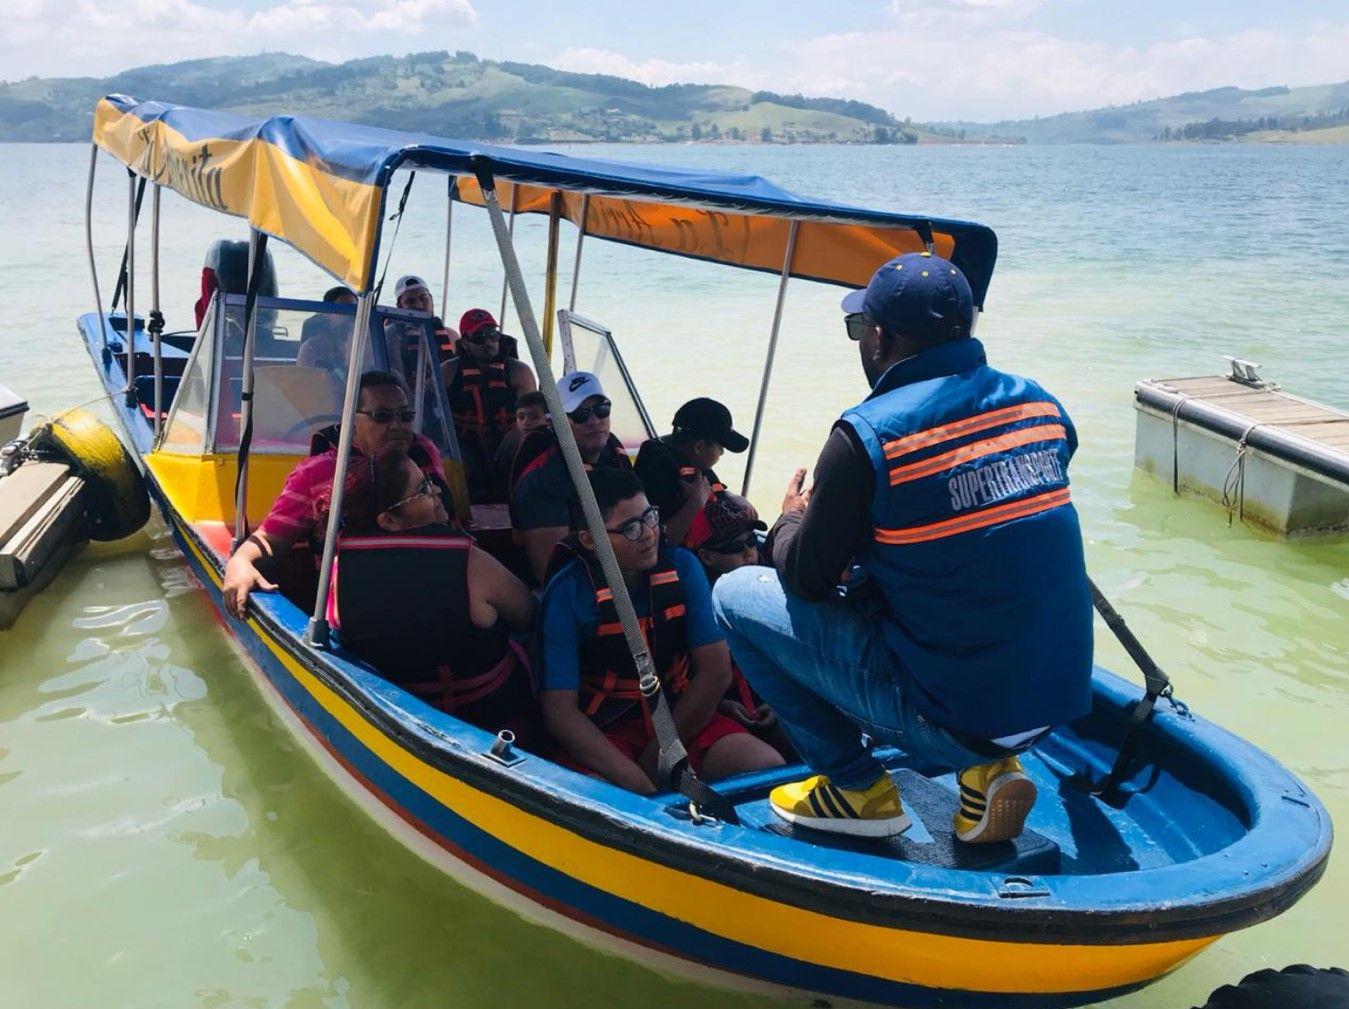 Más de 11 mil usuarios se movilizaron por lagos, lagunas y embalses en cuatro regiones